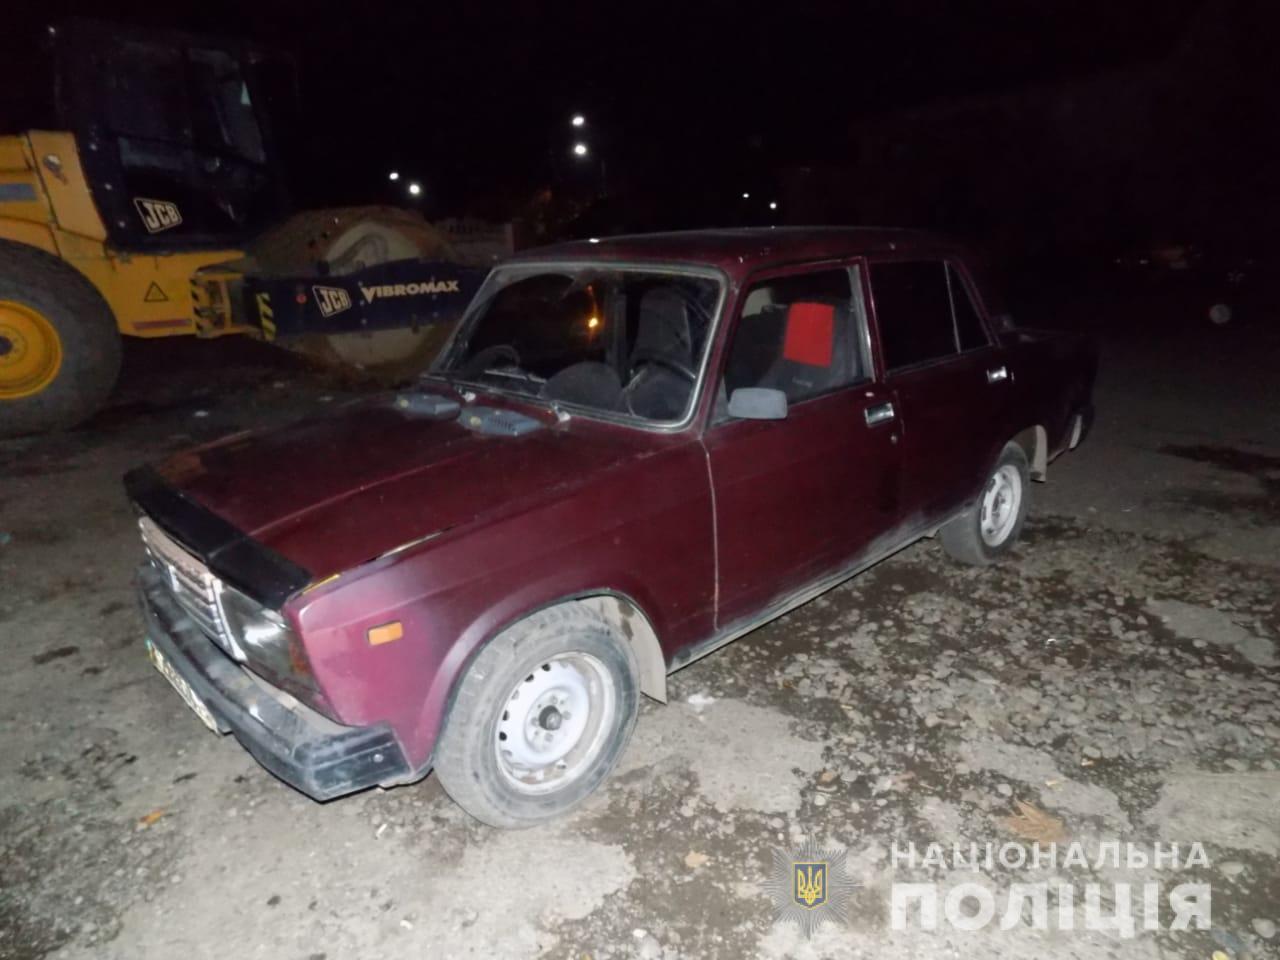 ДТП с угонщиком в Закарпатье: мужчина за ночь угнал две машины, и на одной из них попал в аварию